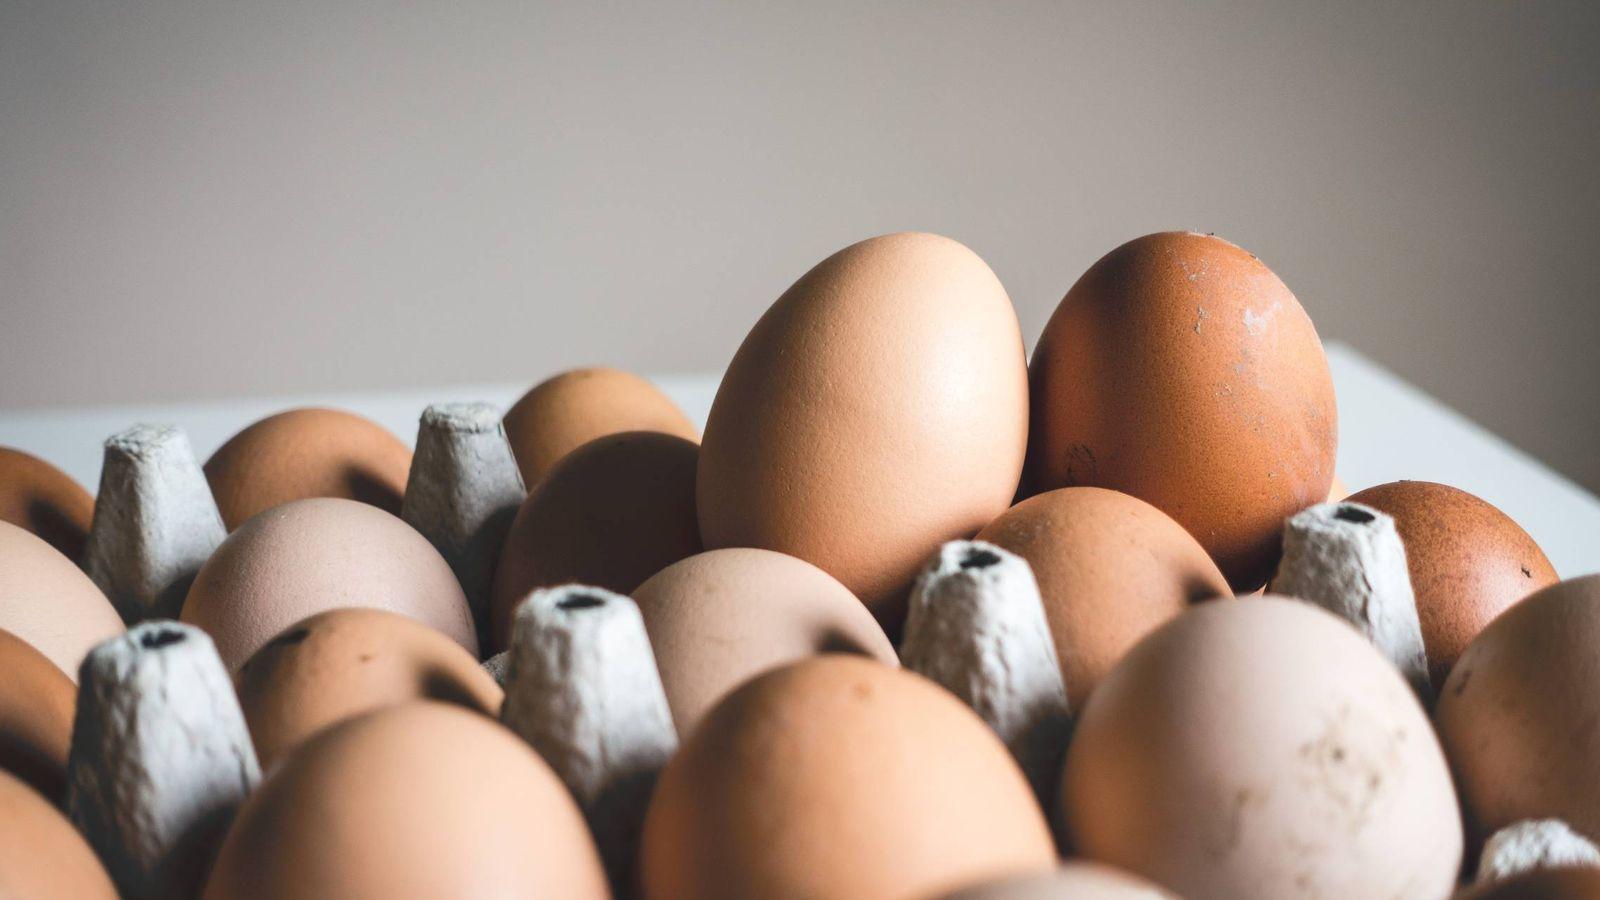 Foto: Los huevos, una de las proteínas más completas.